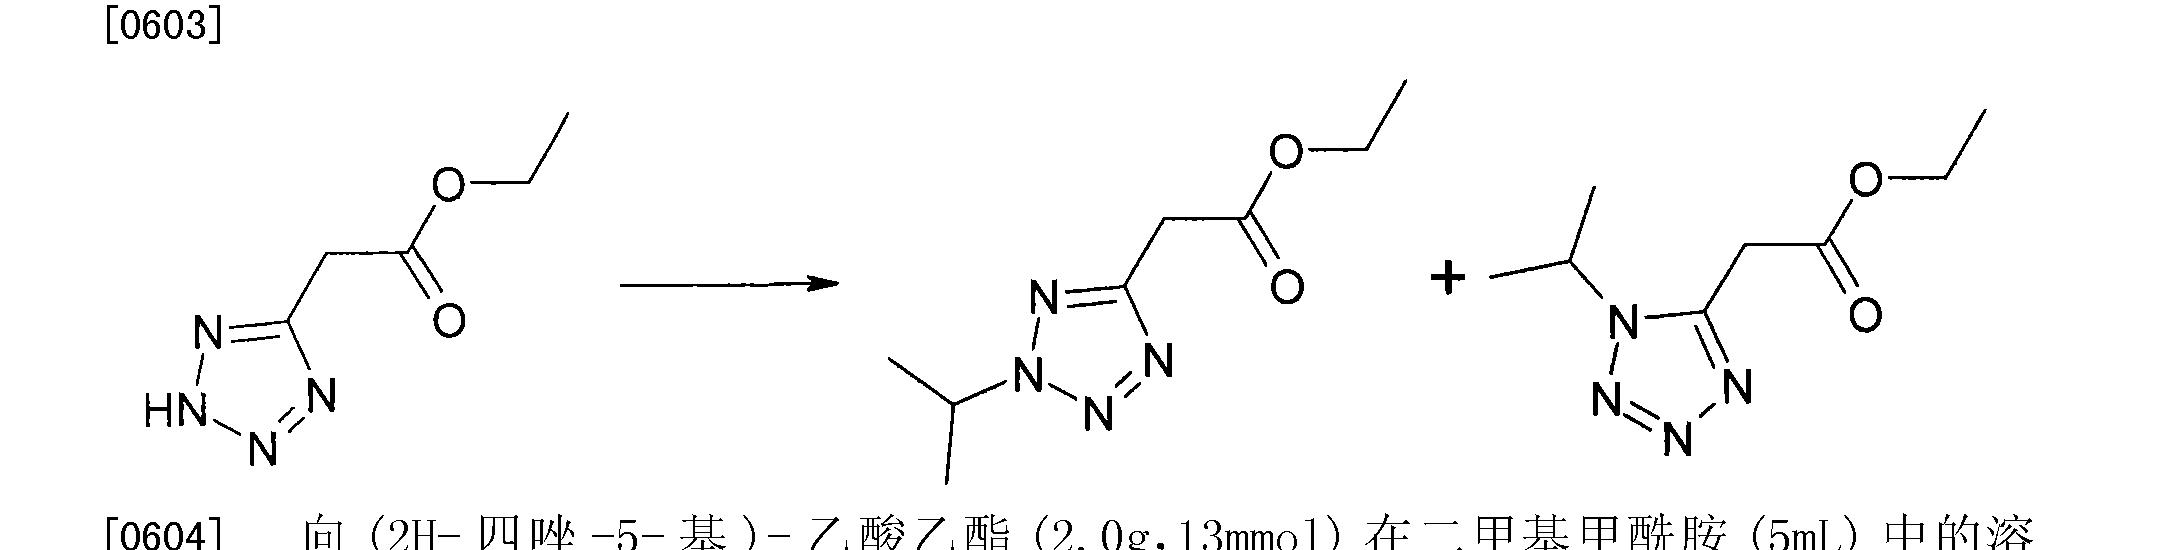 Figure CN102036955BD00921